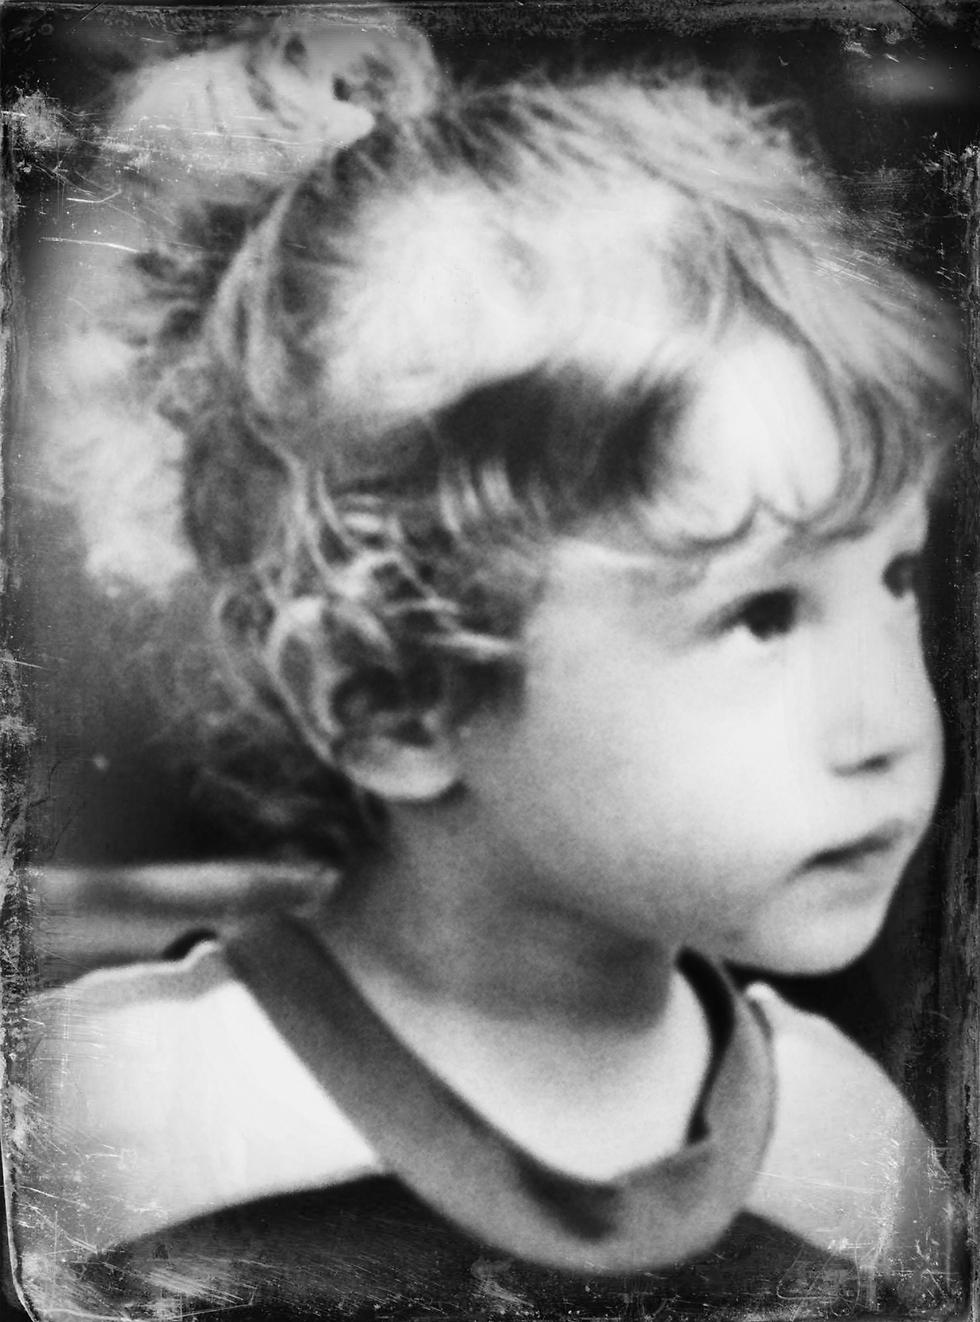 התנהלה בעולם ללא בעיות. שרון בגיל שבע (צילום: אוסף פרטי)